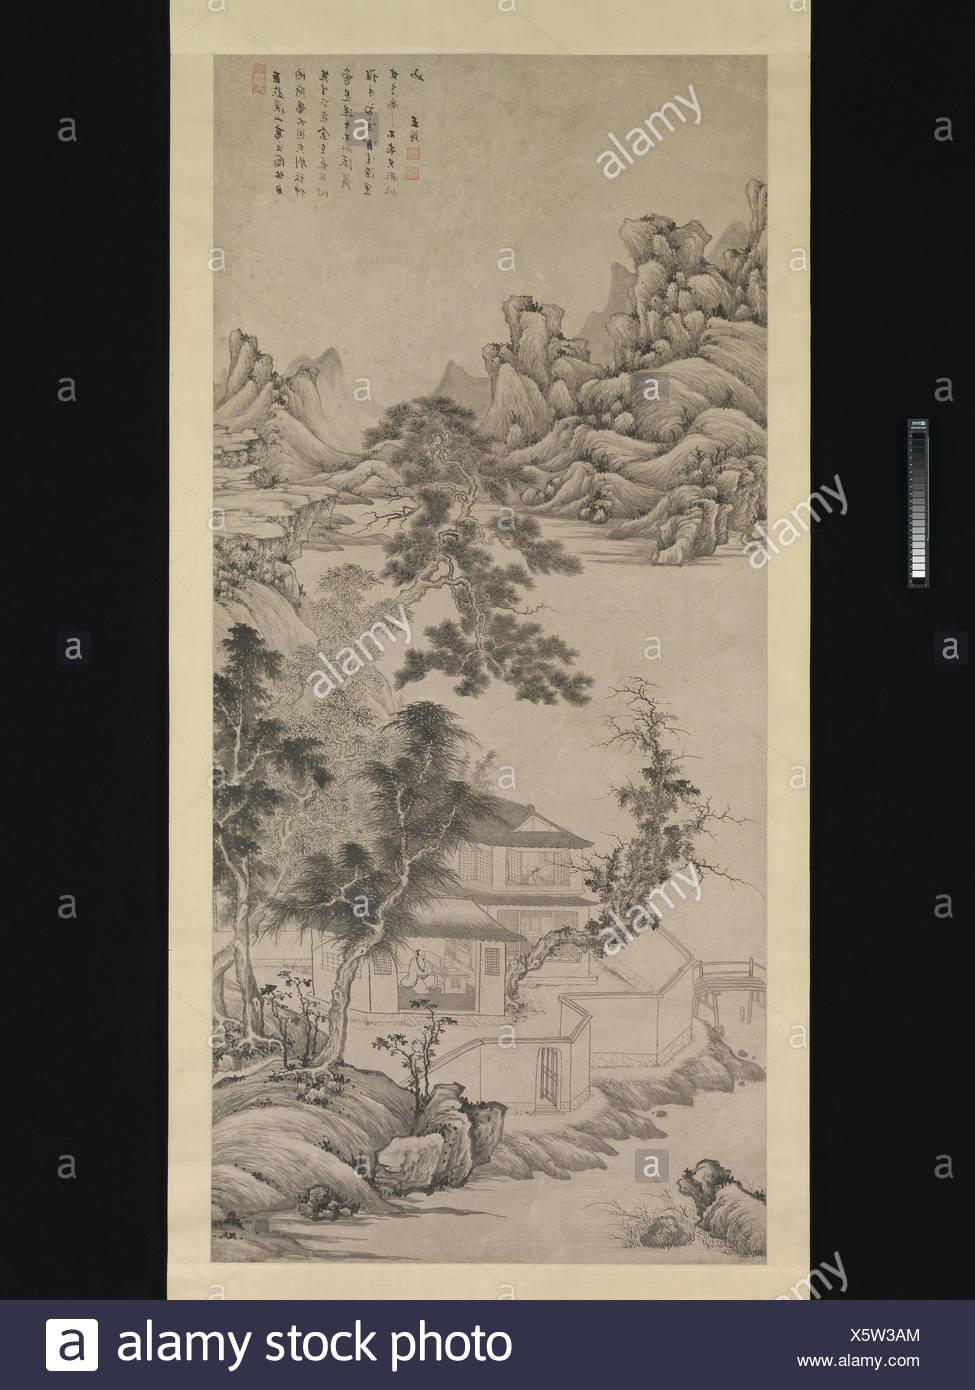 清 王é'' 倣巨然《溪山高士åœ-》 軸 紙本/Lofty Scholar among Streams and Mountains after Juran. Artist: Wang Jian (Chinese, 1609-1677 or - Stock Image